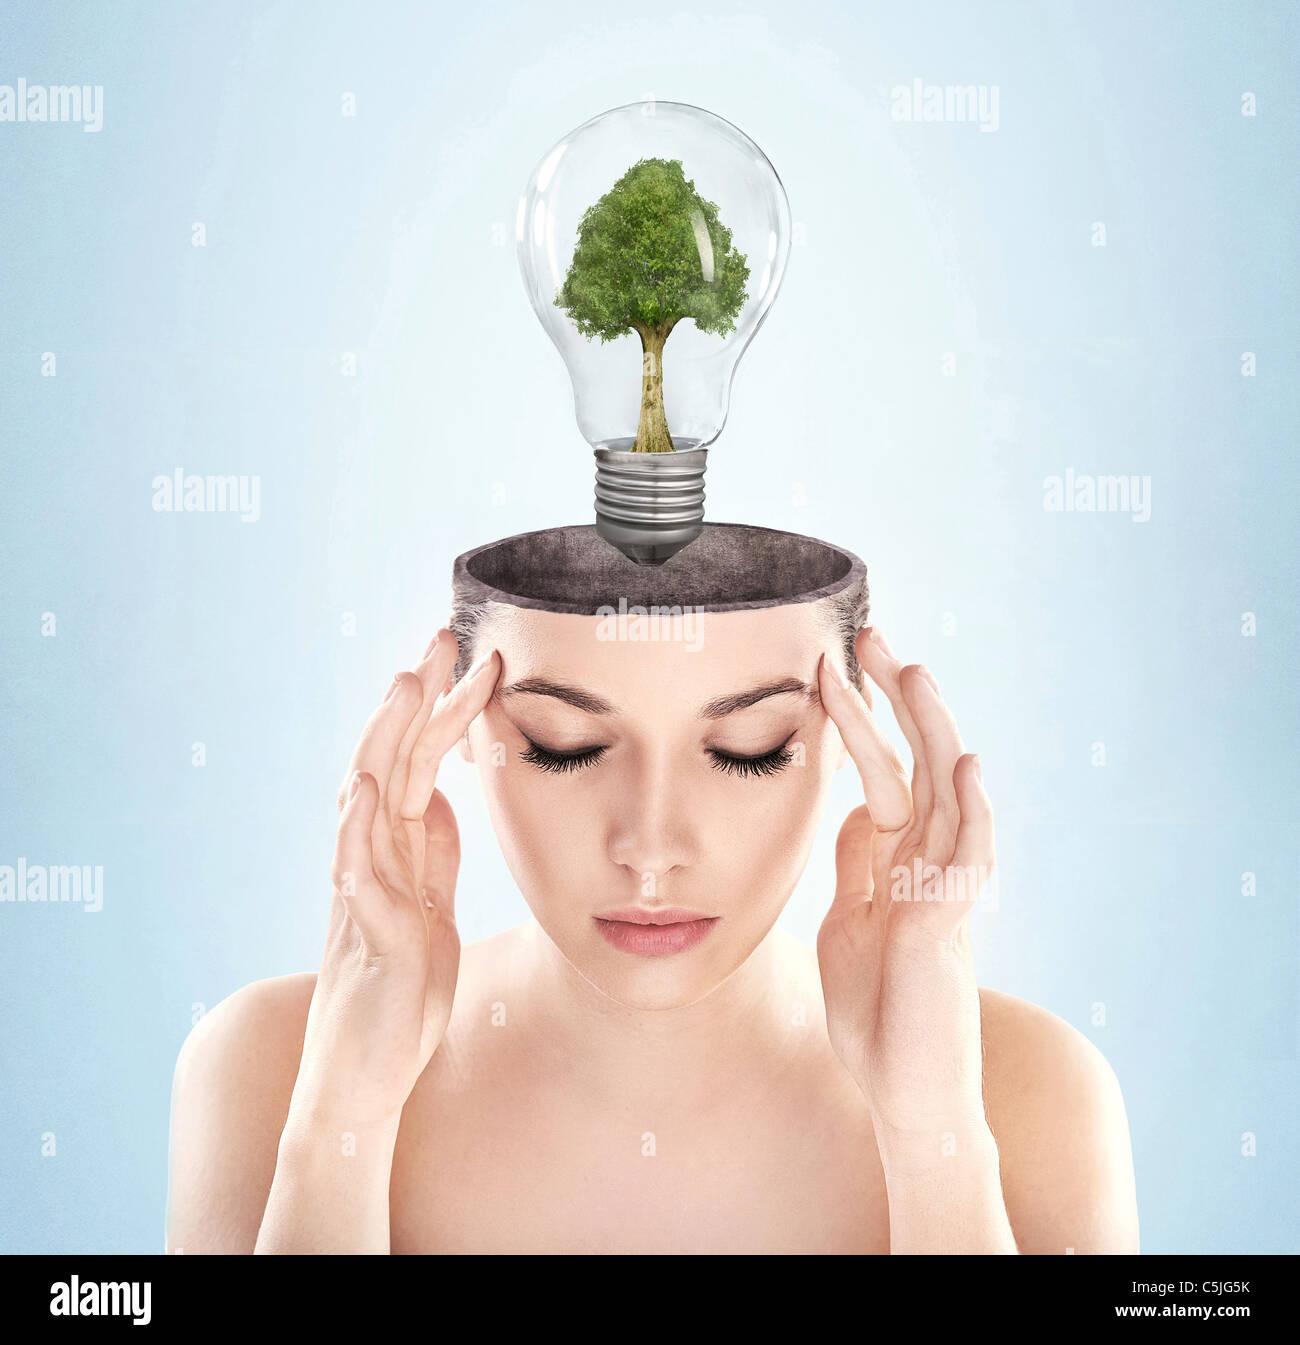 Ouvert d'esprit femme symbole de l'énergie Photo Stock